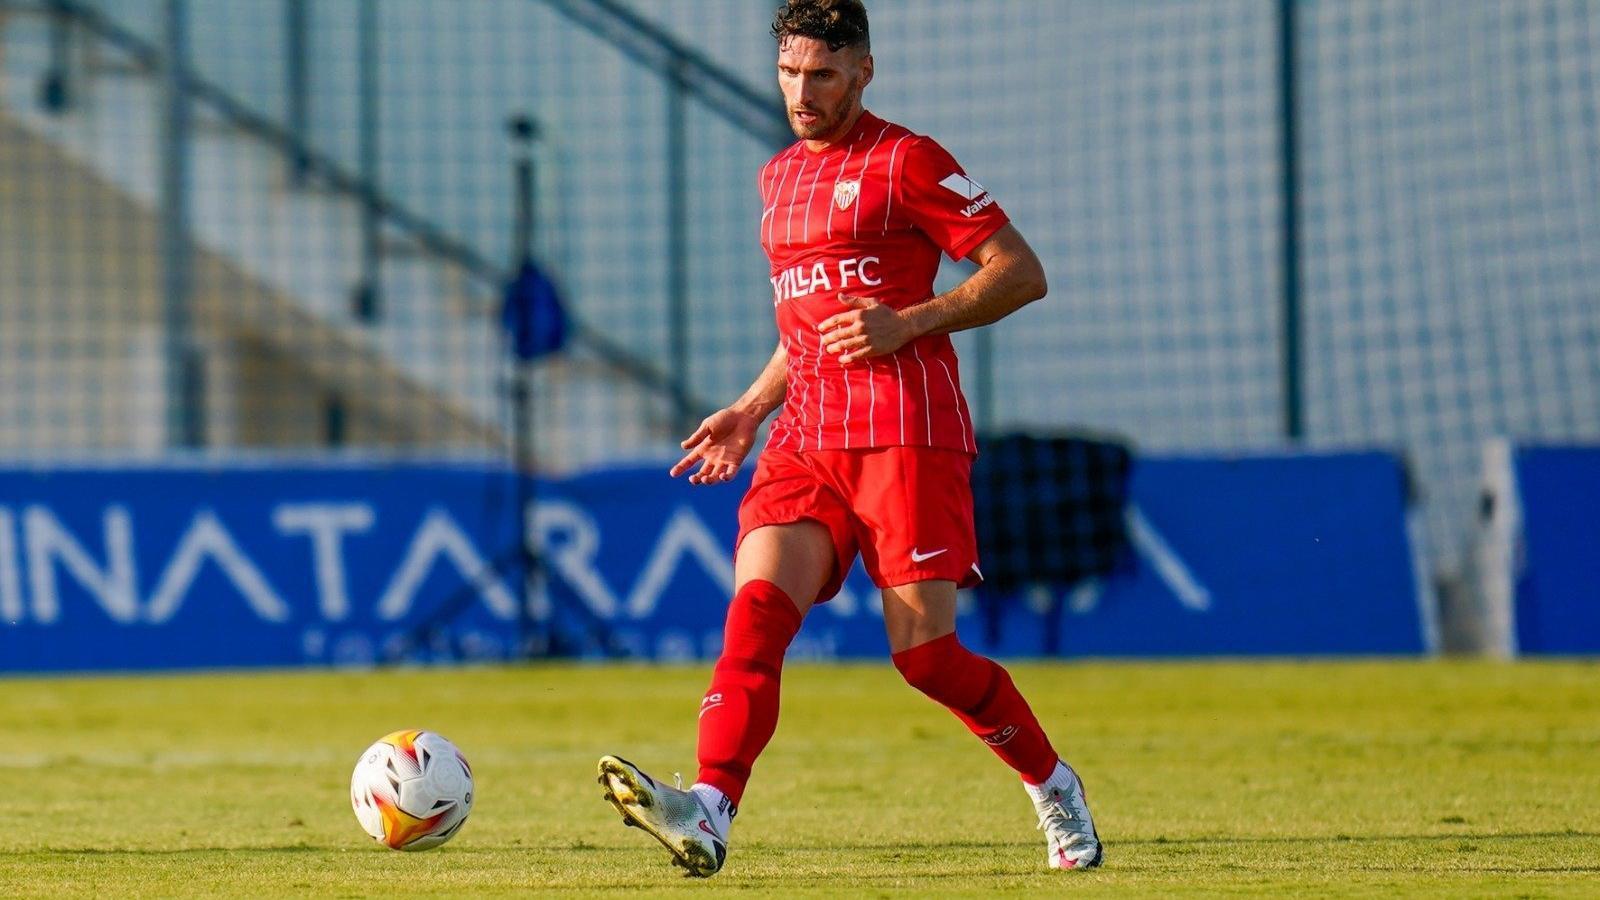 L'Espanyol necessita una empenta econòmica per fitxar l'exblaugrana Sergi Gómez